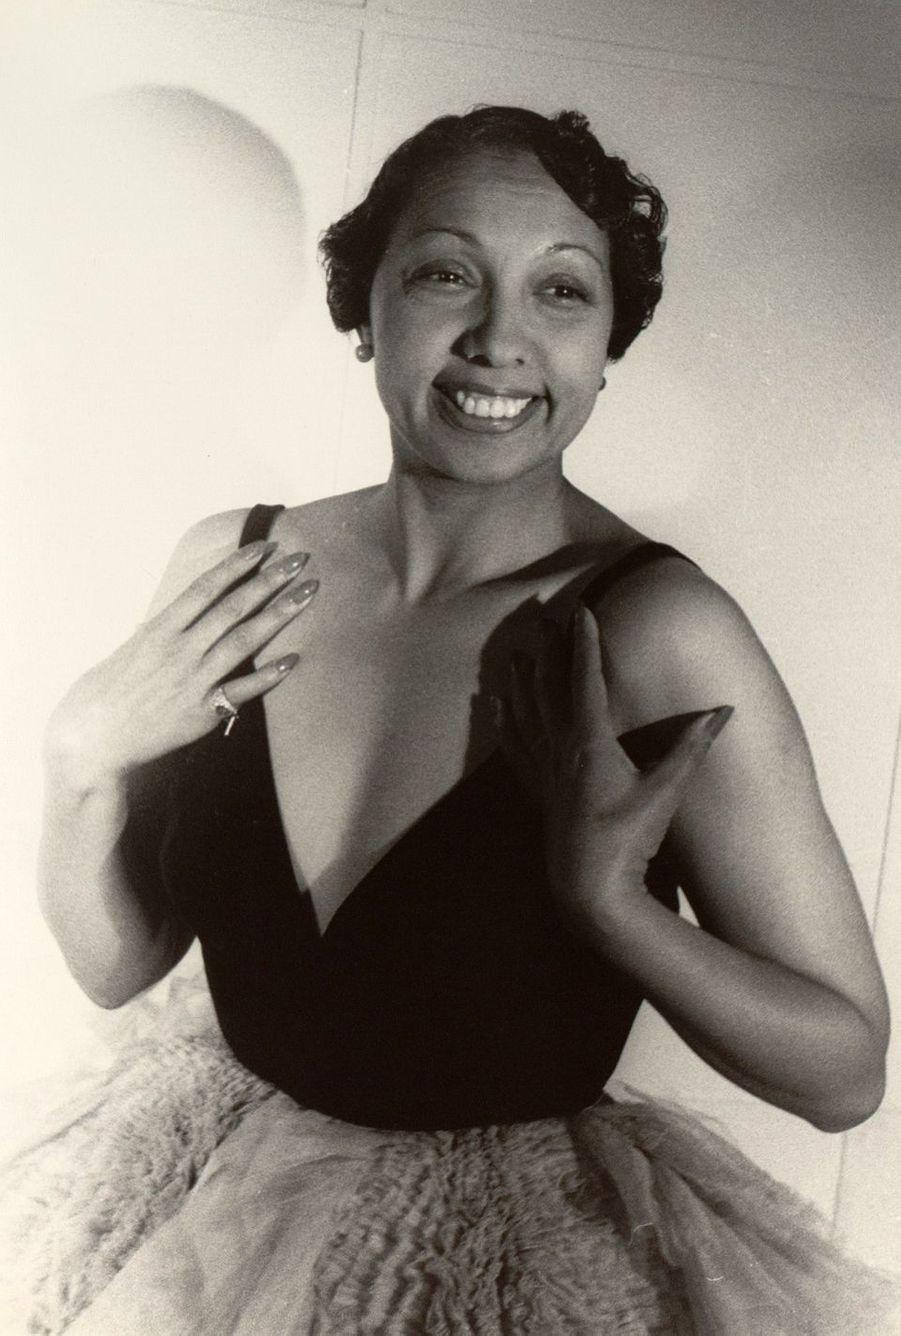 Artiste illustre, Joséphine Baker (1906-1975) s'est engagée dans la lutte contre le racisme.